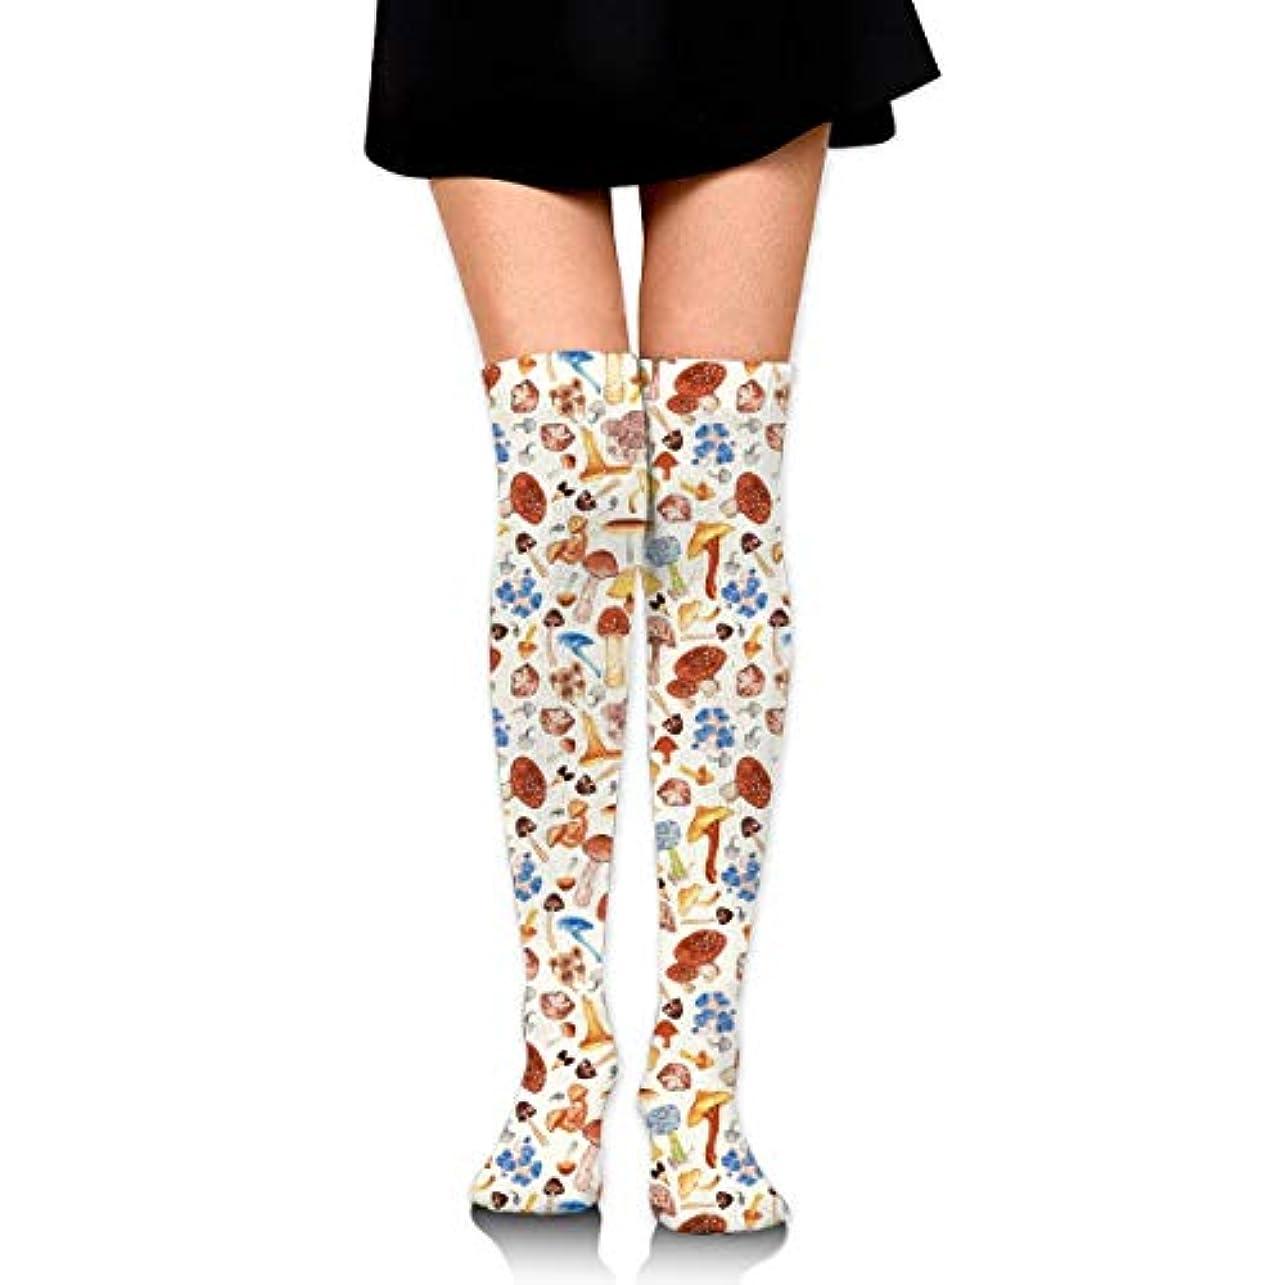 記念碑的な増強落胆させるMKLOS 通気性 圧縮ソックス Breathable Extra Long Cotton Thigh High Red Mushrooms Socks Over Exotic Psychedelic Print Compression...